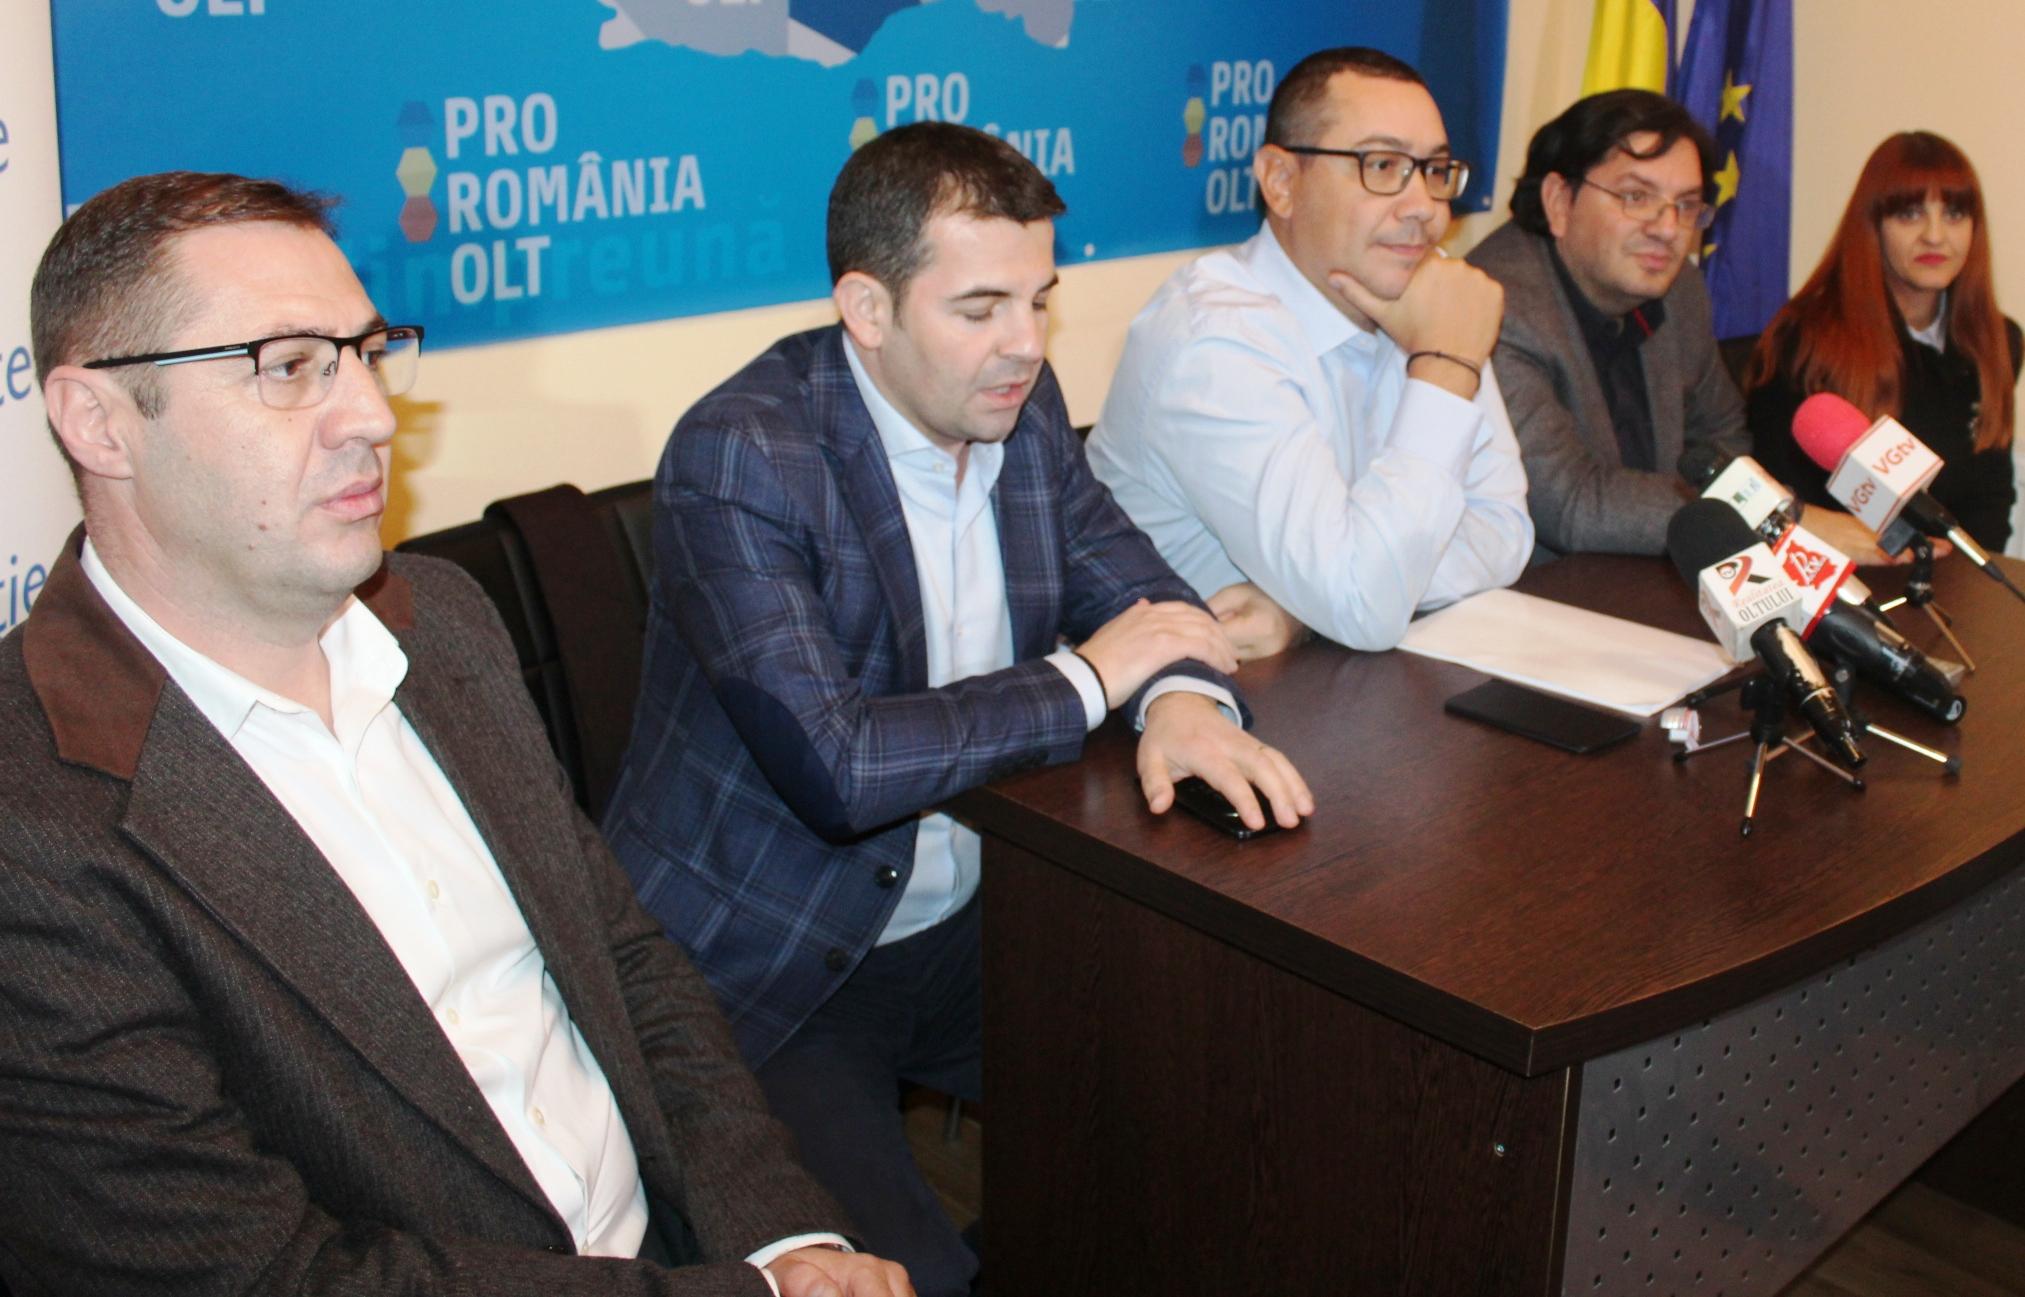 Victor Ponta, Daniel Constantin şi Nicolae Bănicioiu, alături de echipa Pro România Olt